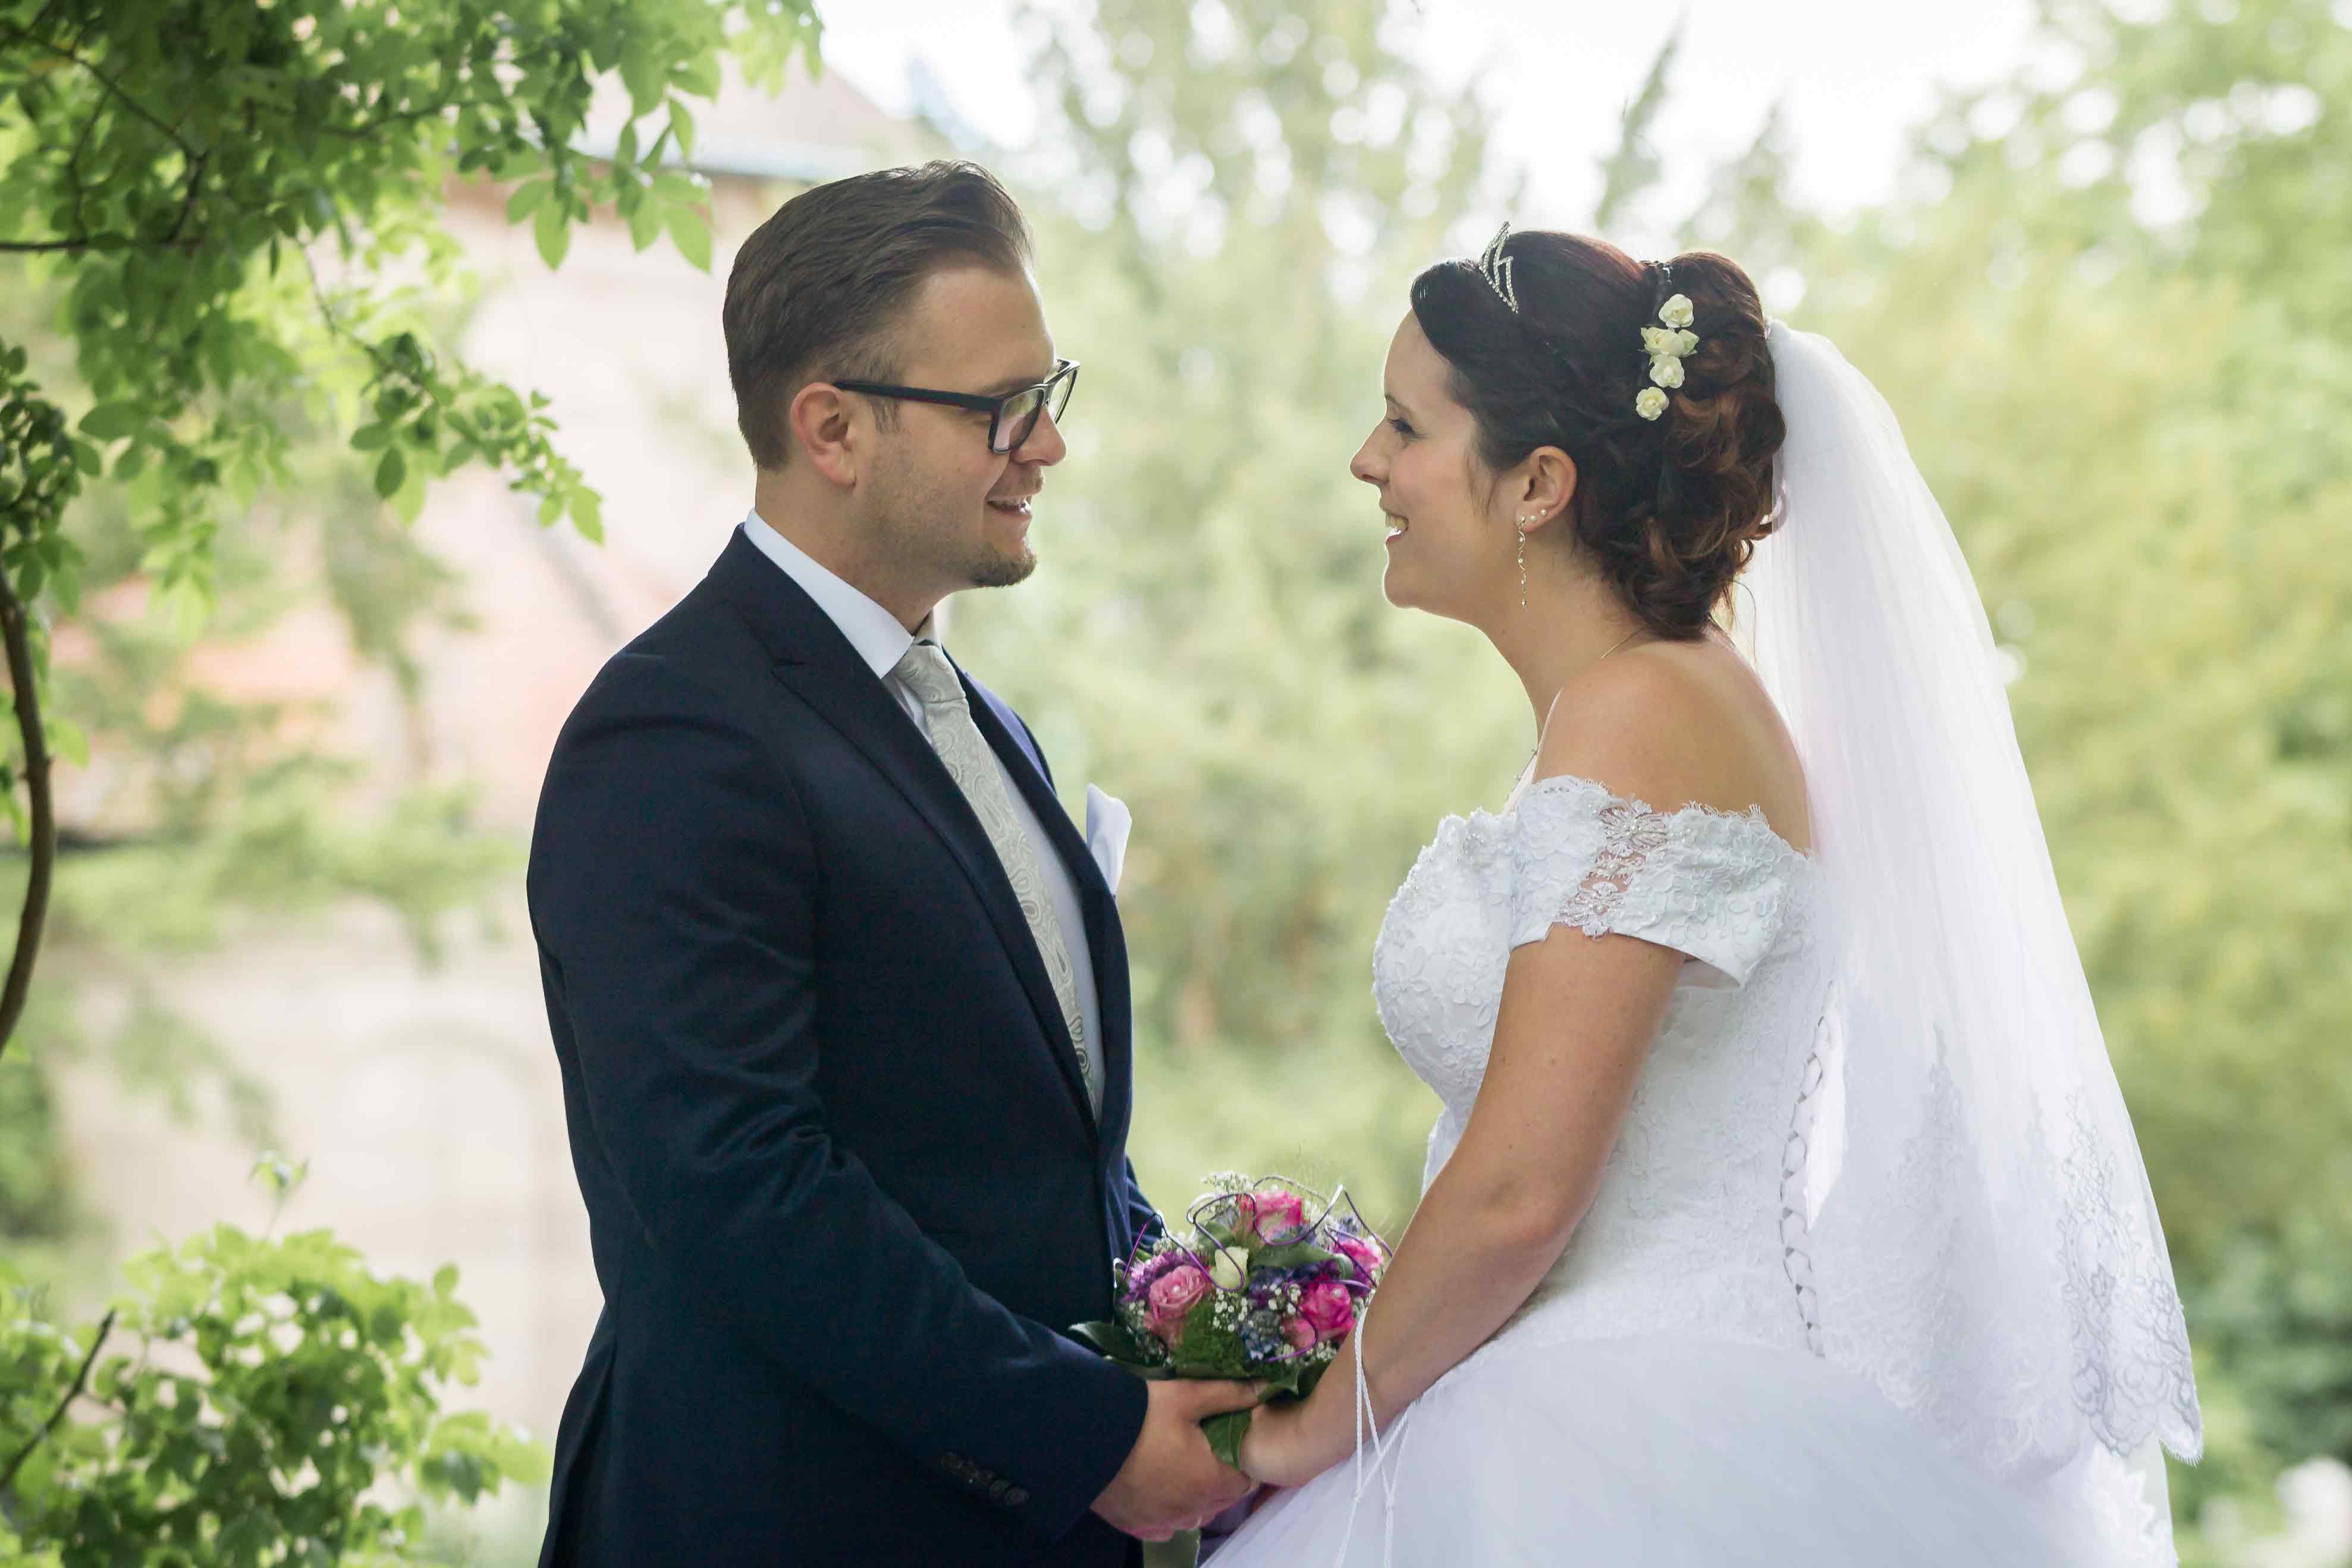 Hochzeit und Paare IMG 2